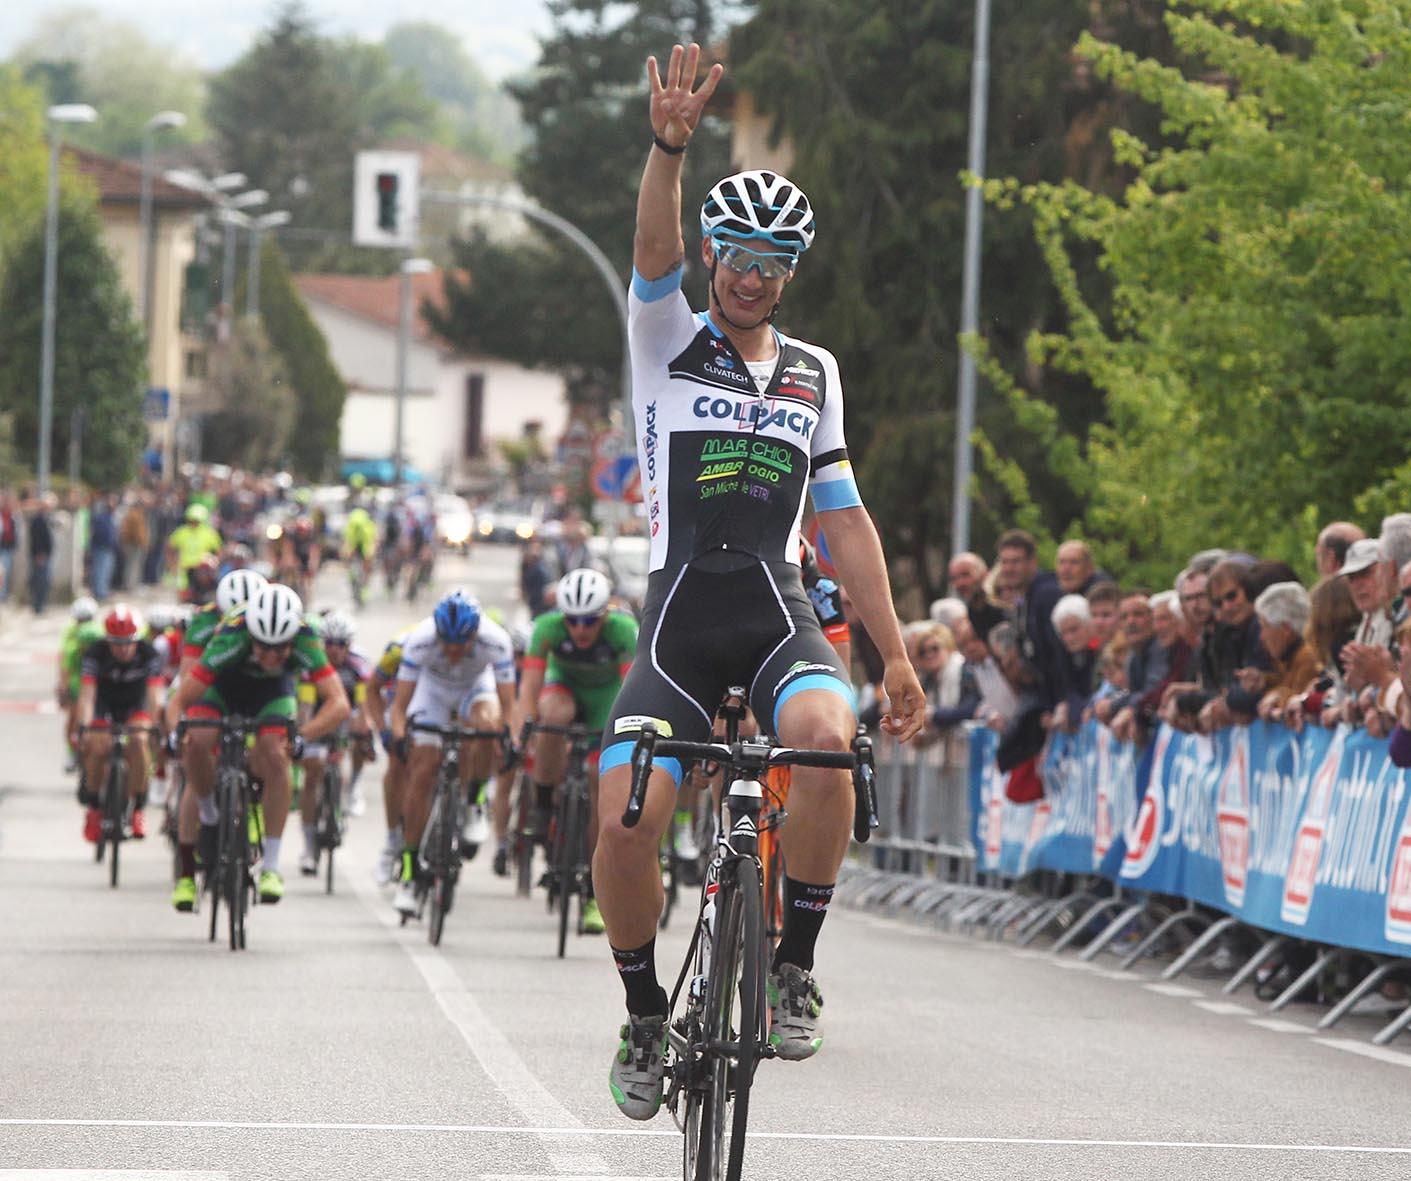 La vittoria di Andrea Toniatti alla 56/a Coppa Sportivi di Montanino di Reggello